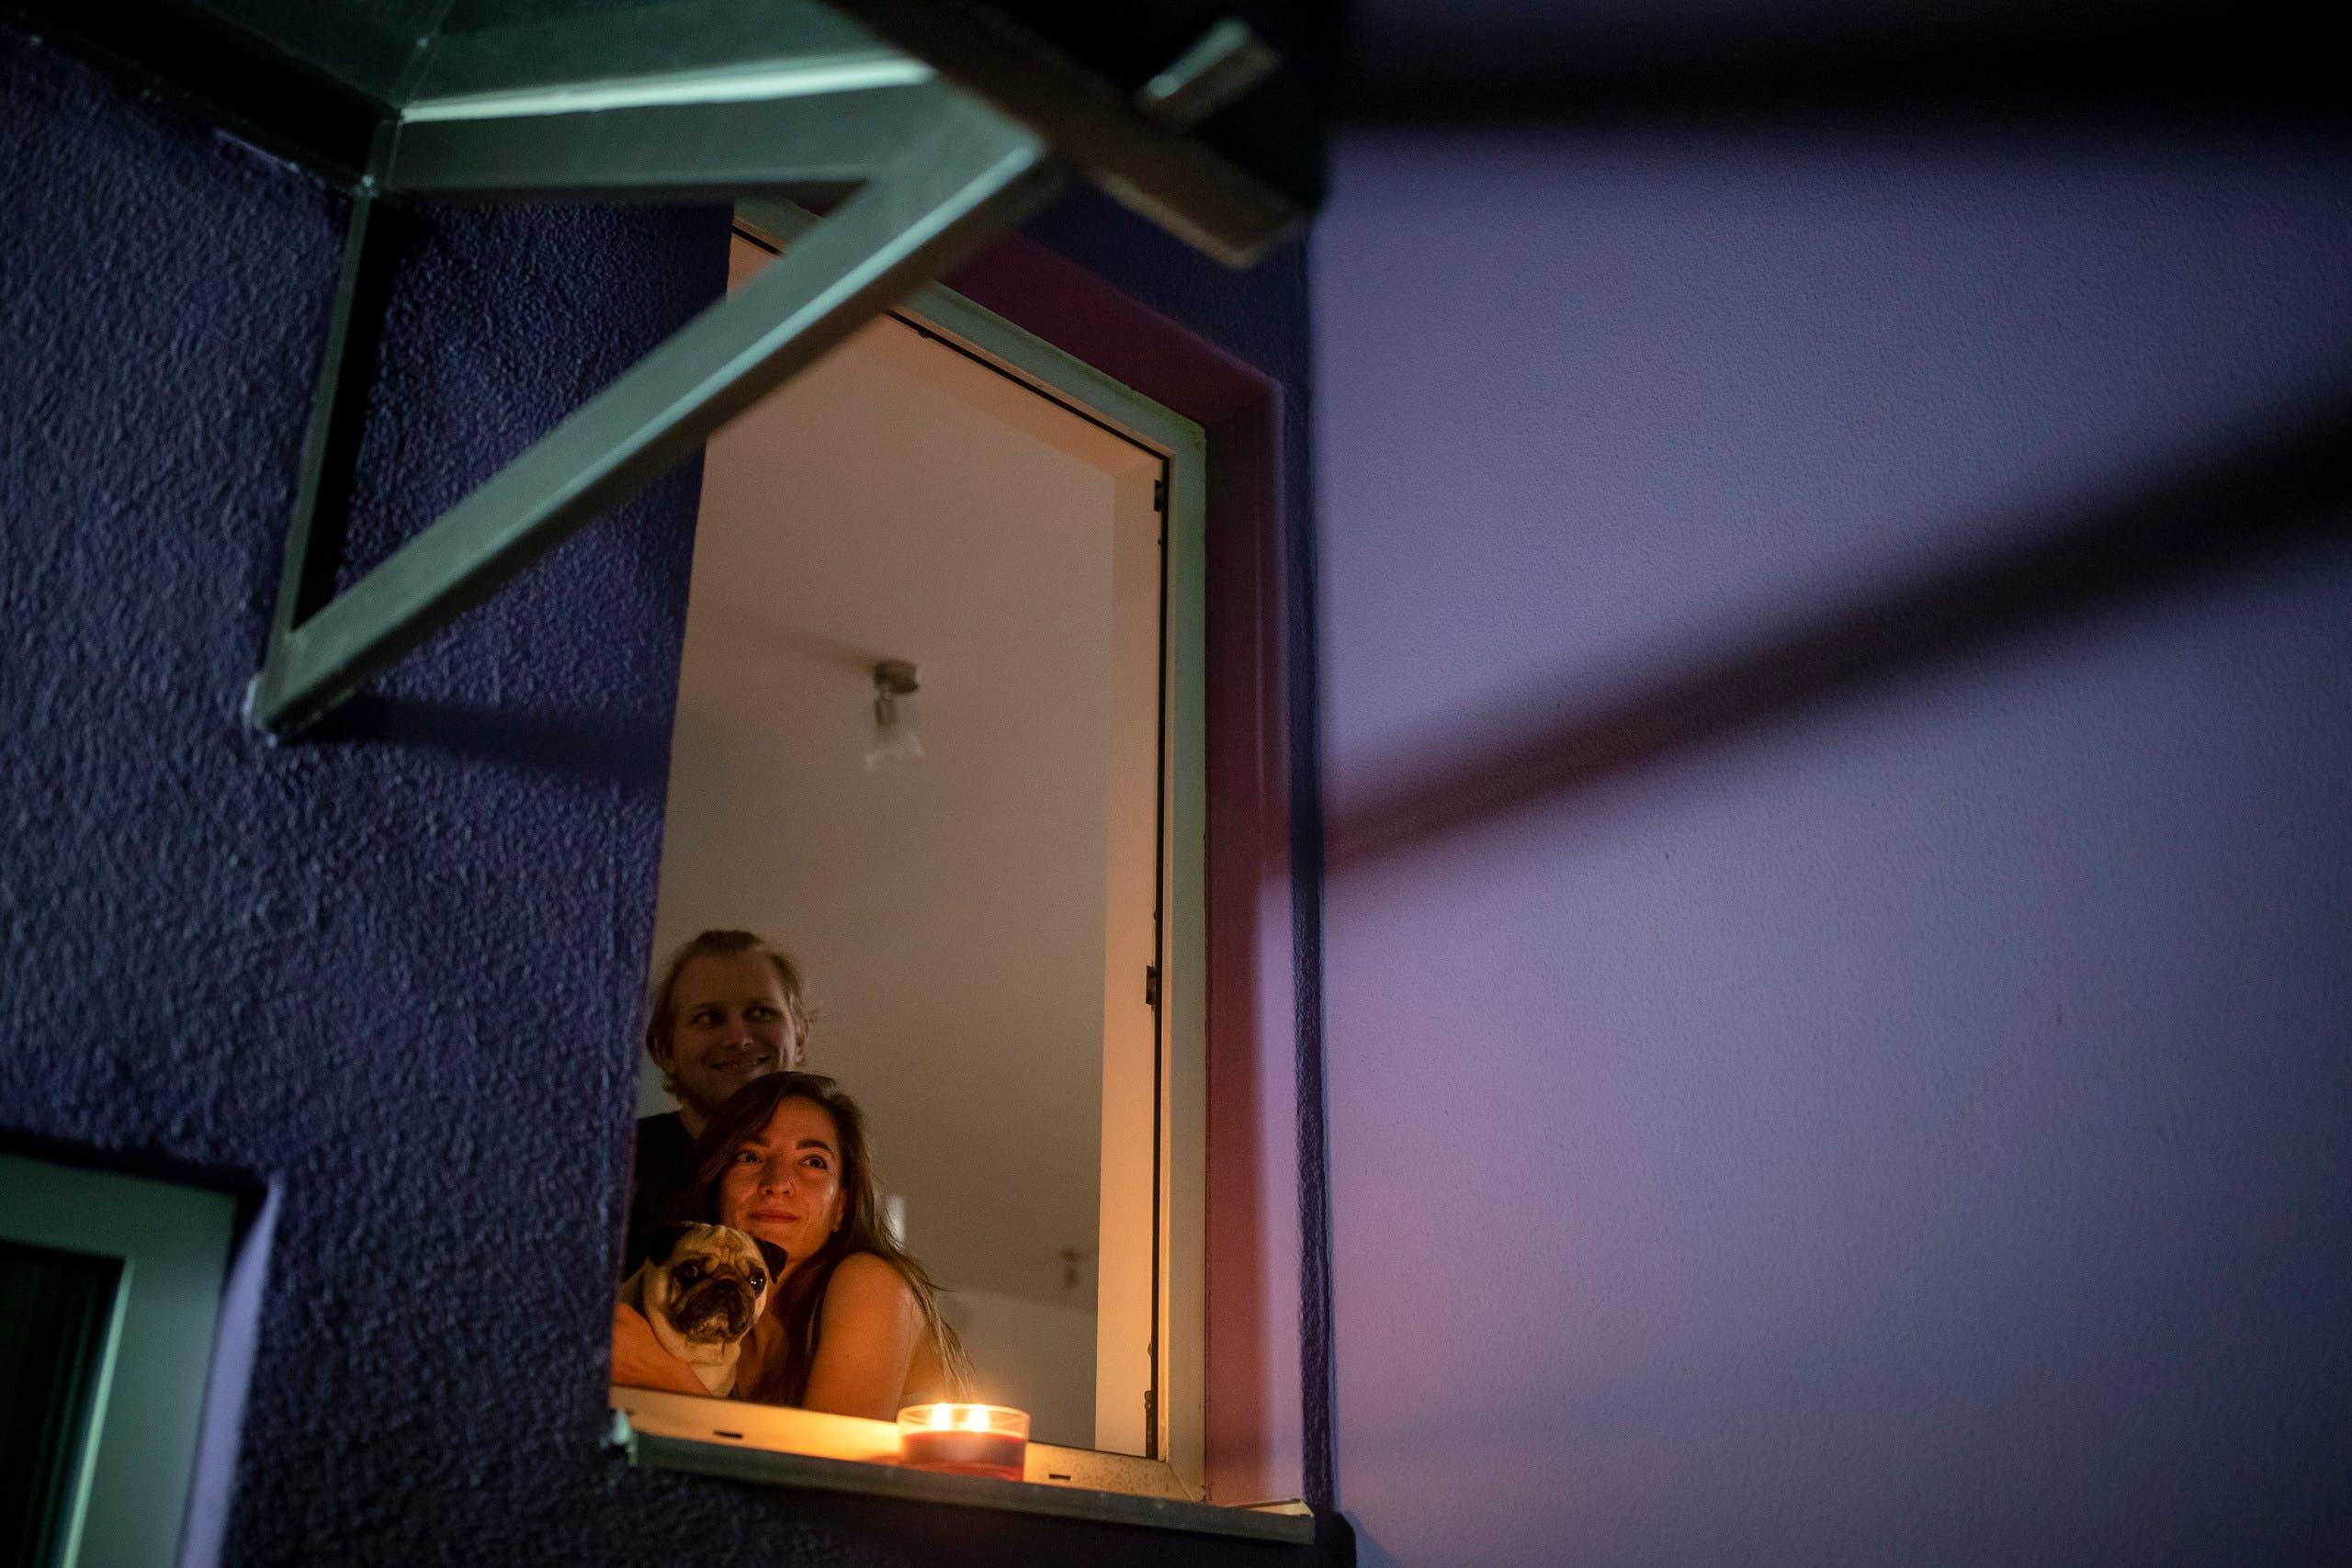 شخصان يشاهدان الفيلم من النافذة